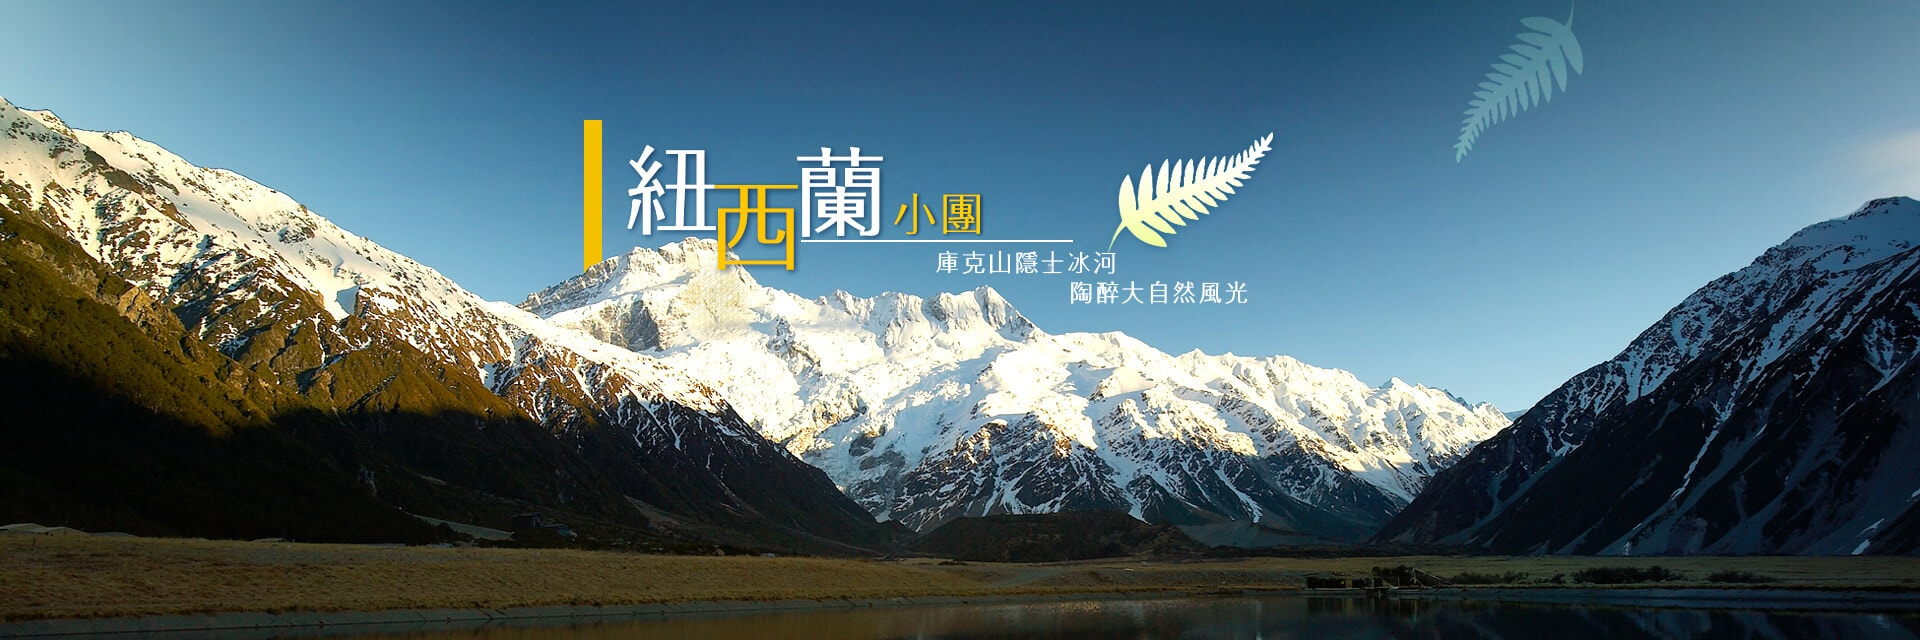 紐西蘭旅遊, 紐西蘭蜜月,紐西蘭南島旅遊, 紐西蘭北島旅遊,皇后鎮旅遊, 奧克蘭旅遊,OFF慢遊, 慢遊紐西蘭, 紐西蘭自由行